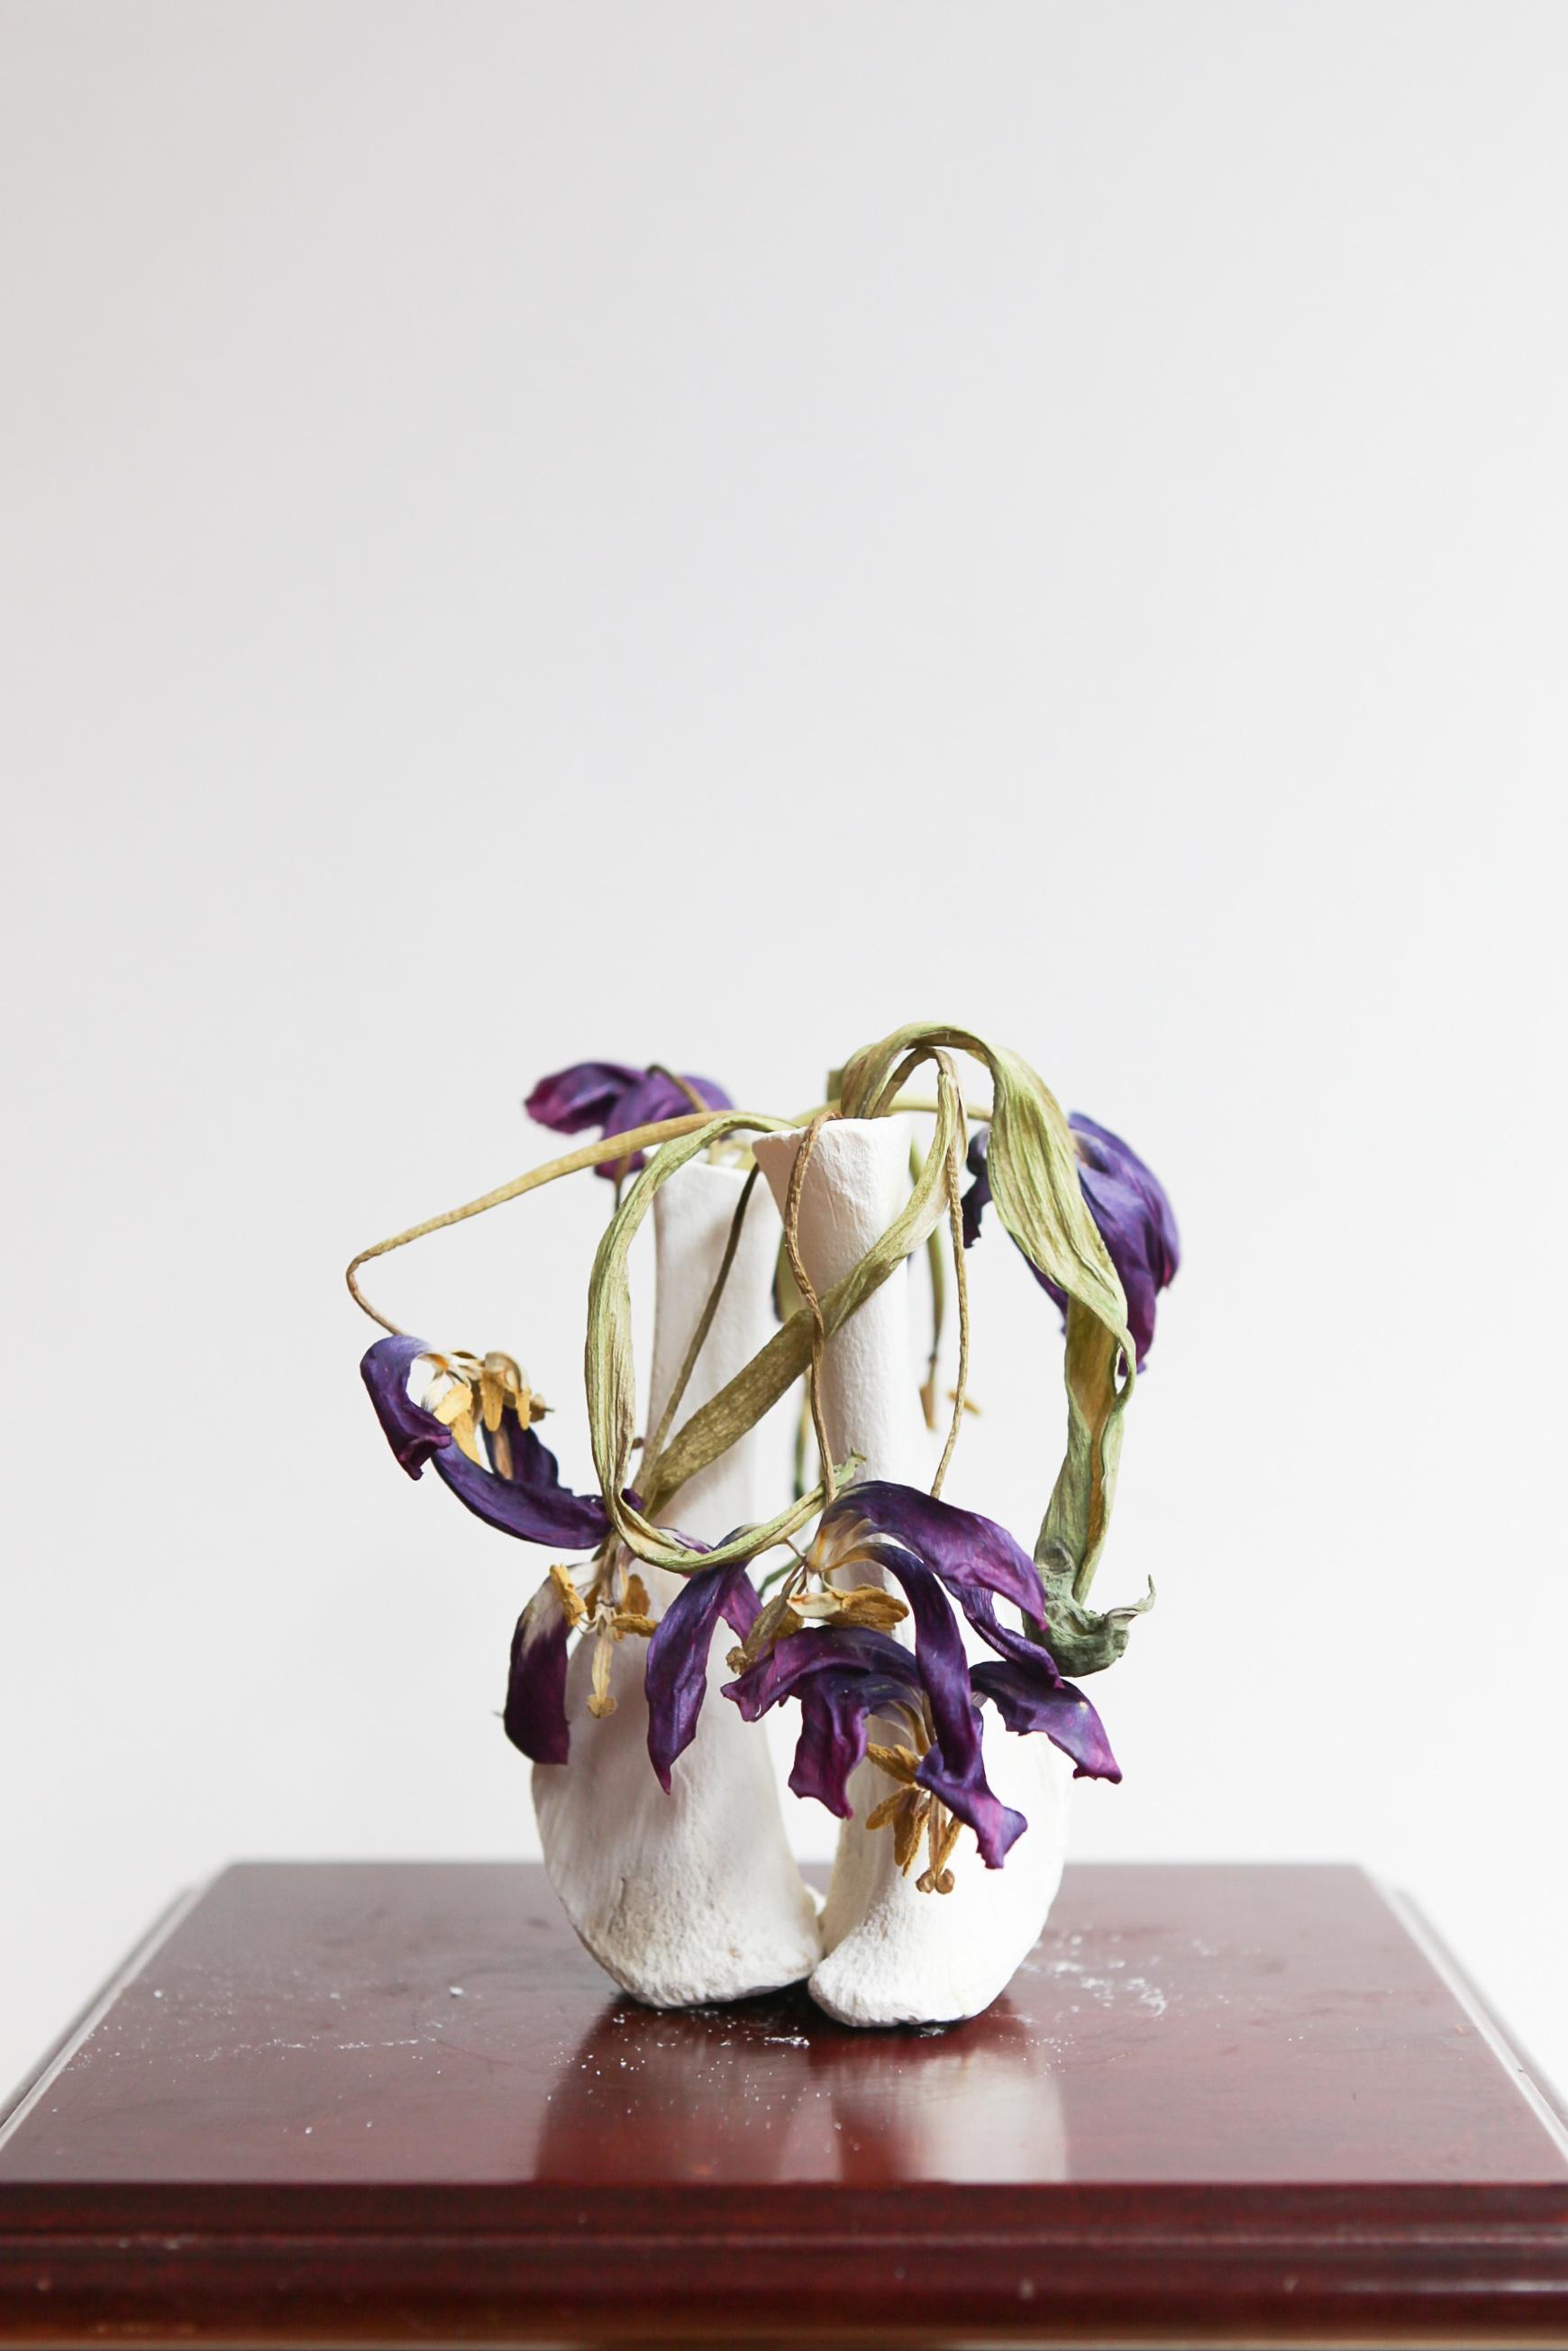 Emma+Witter%2C+Tulips+.jpg